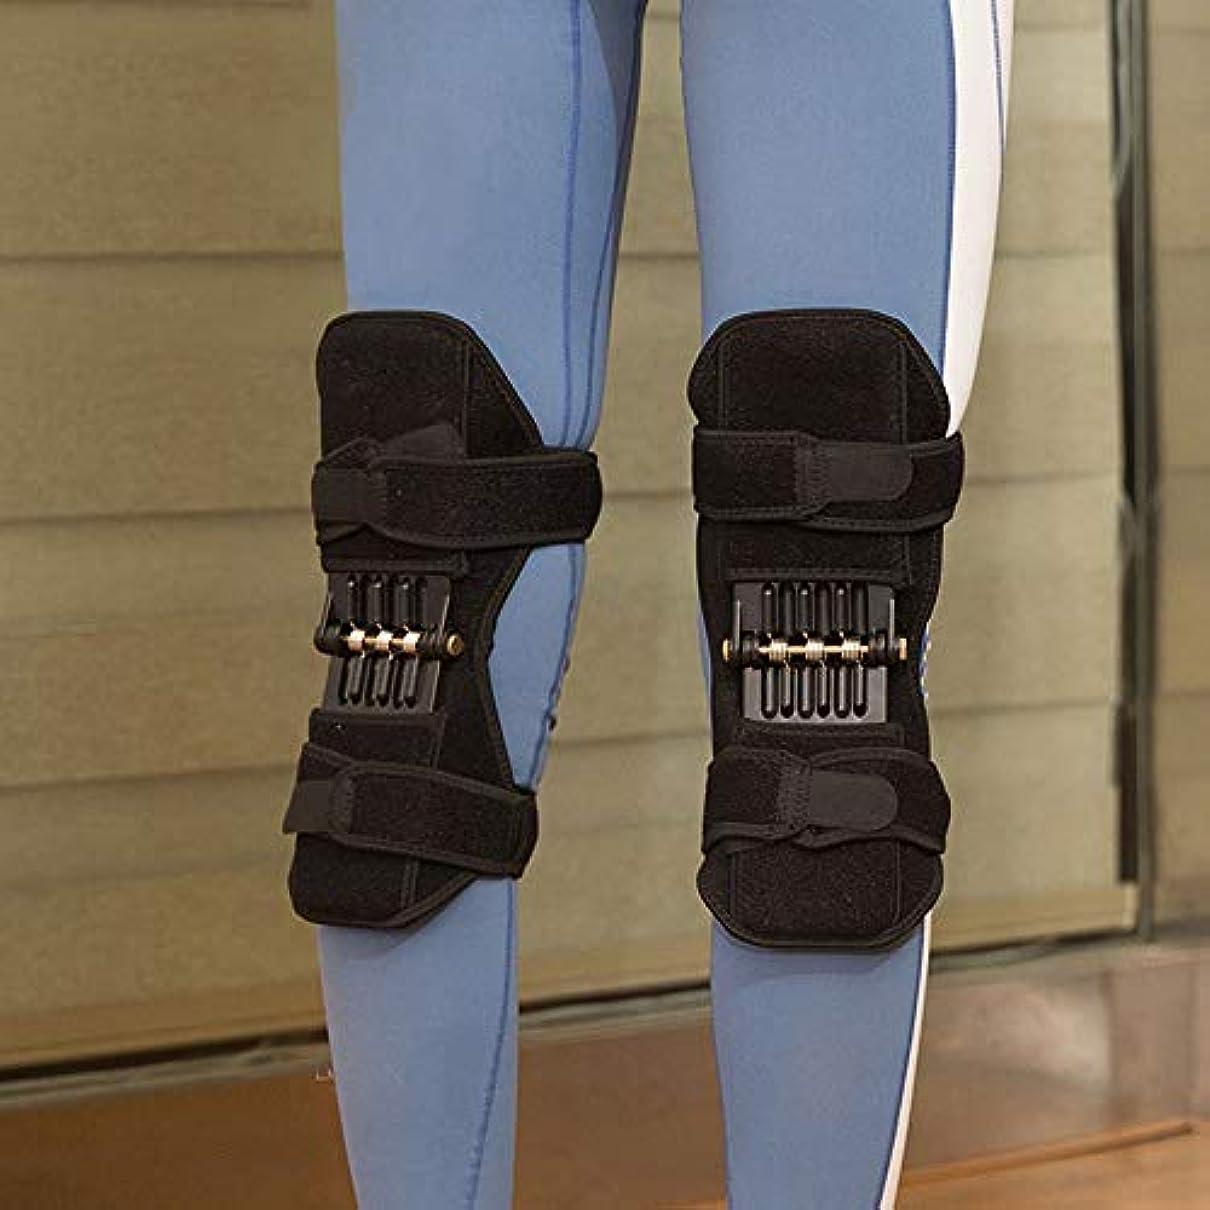 被る動詞知らせる1 ペアスポーツ 春の膝 ストラップ 登山 ランニング 膝 ブースター 膝 パッド 膝関節保護 マッサージツール